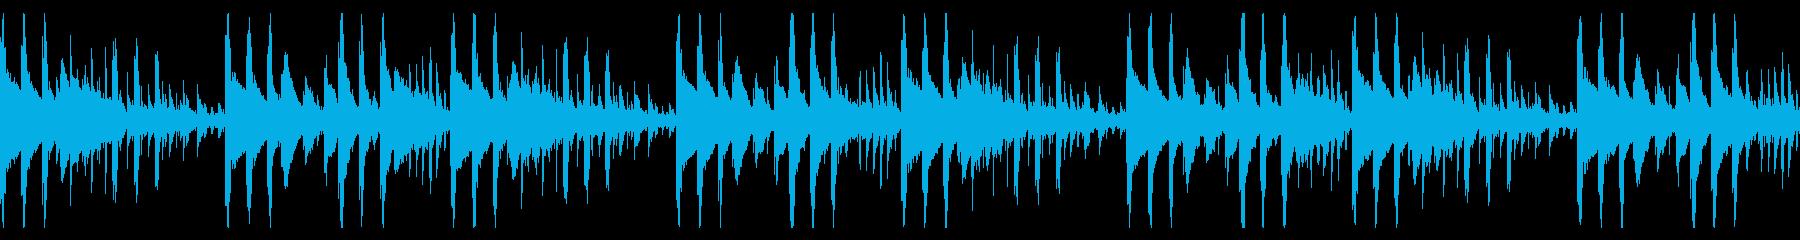 少し不気味で奇妙なピアノの曲の再生済みの波形